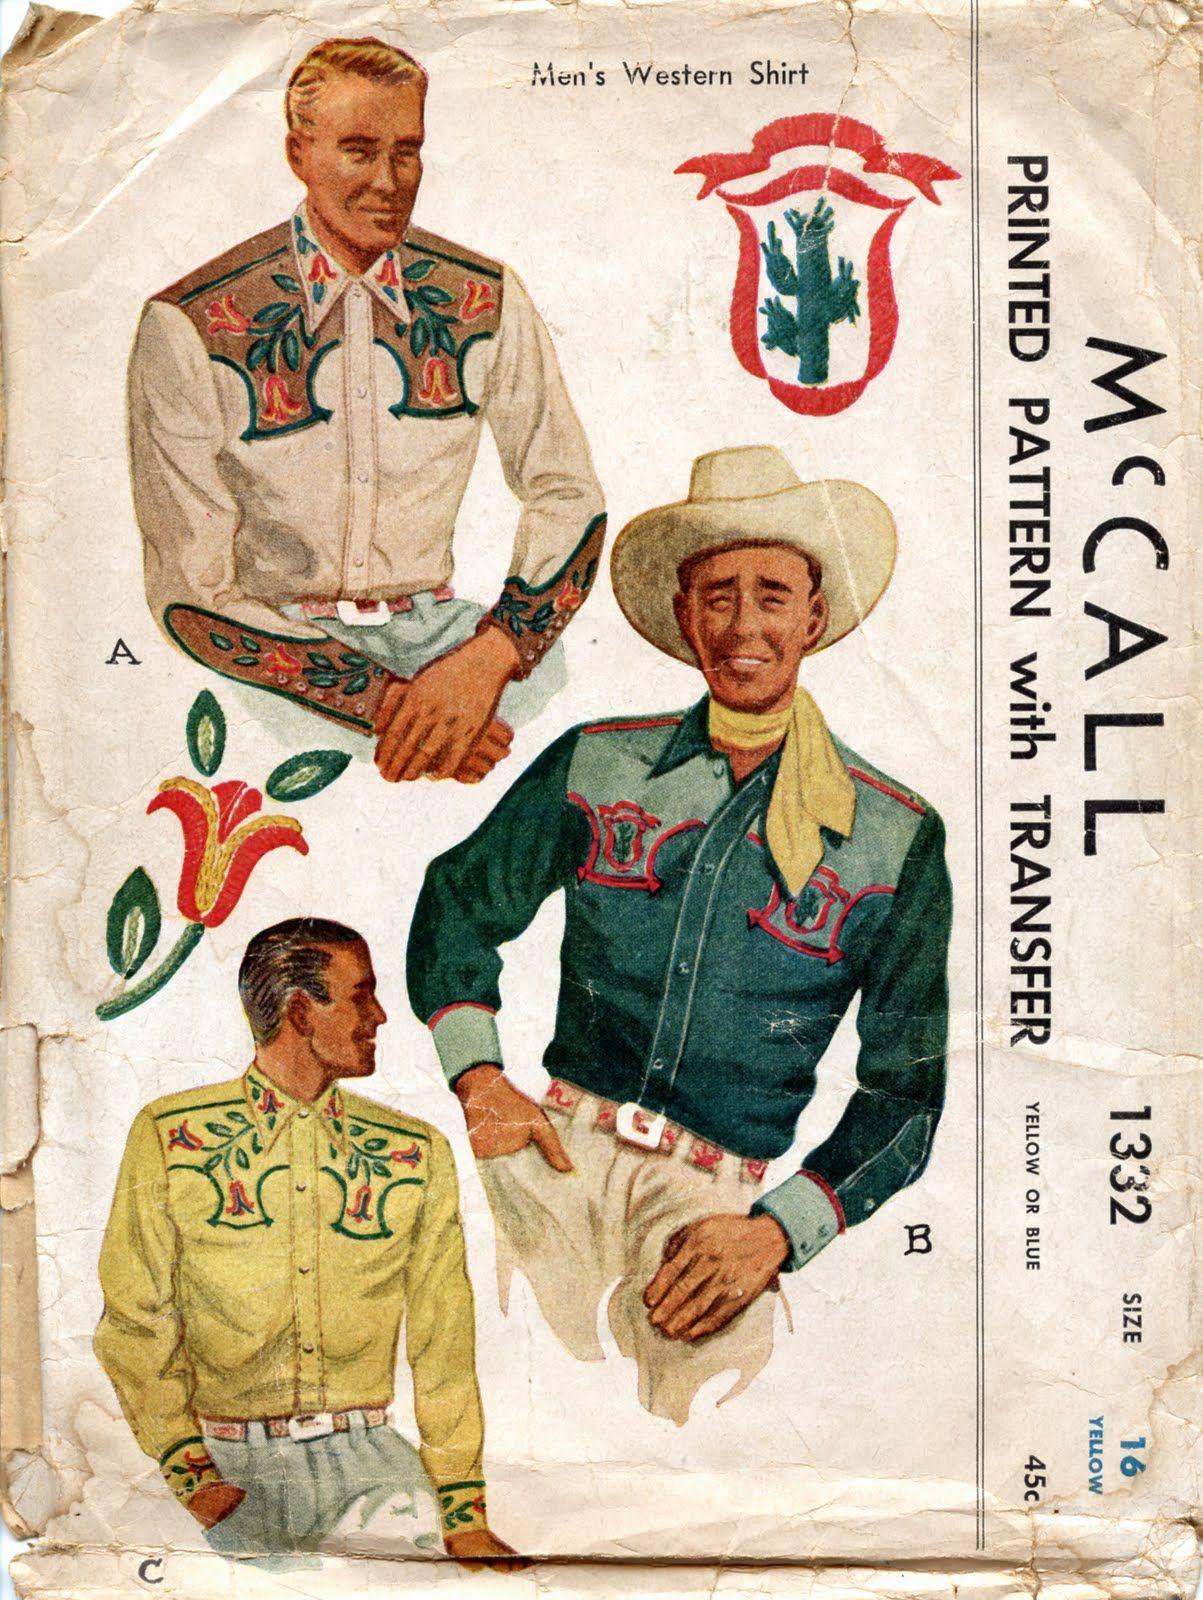 Unsung sewing patterns mccall 1332 mens western shirt sew unsung sewing patterns mccall 1332 mens western shirt jeuxipadfo Images